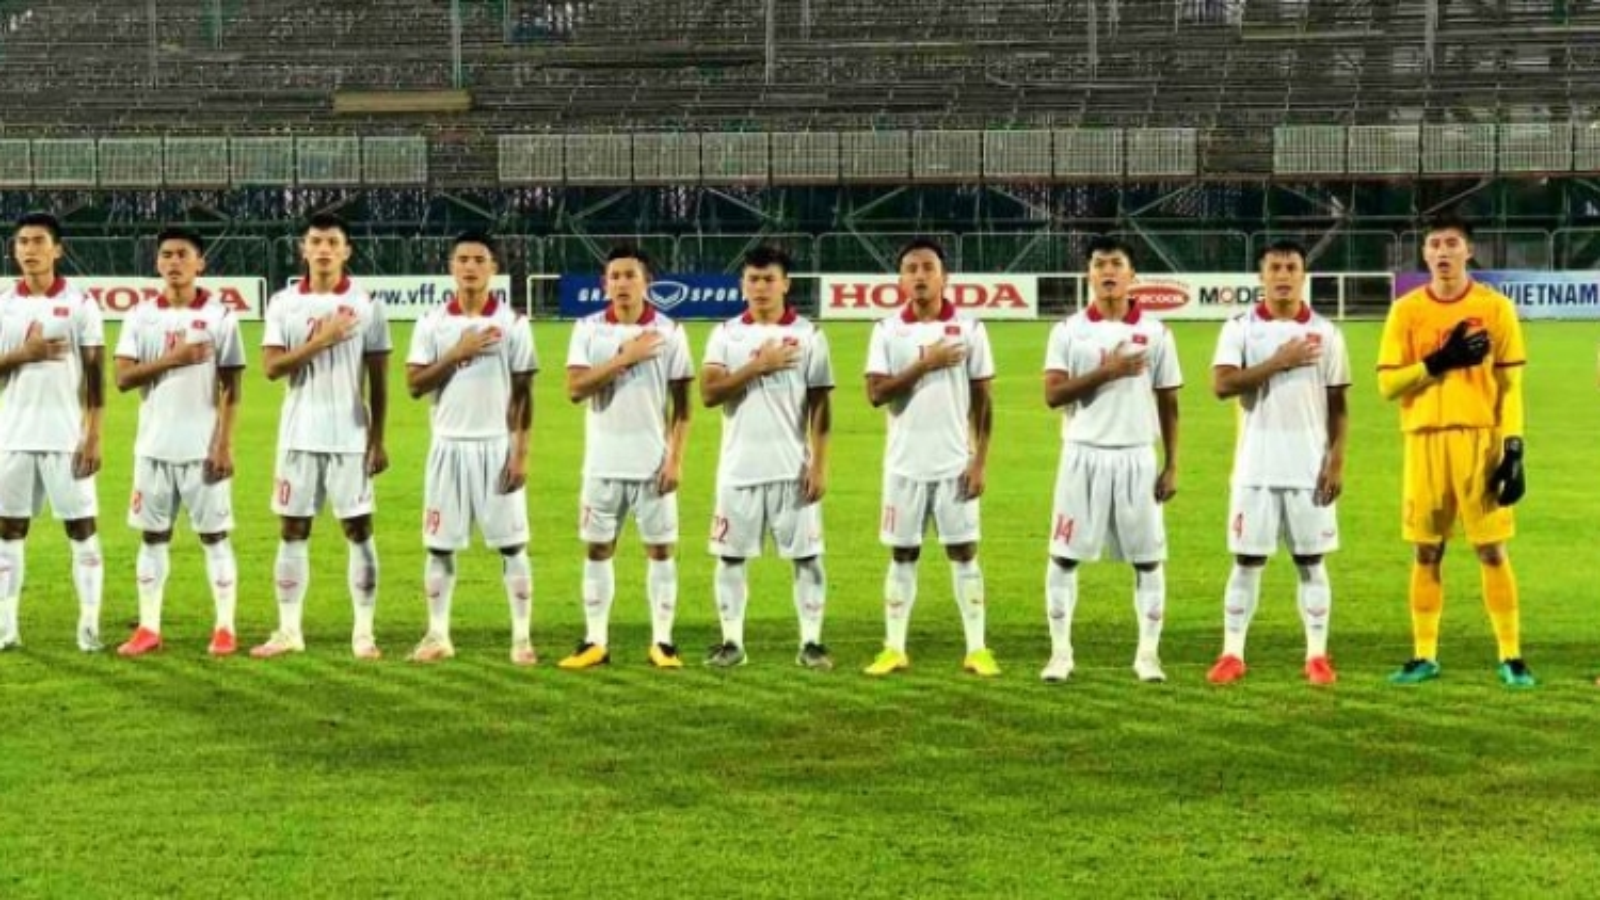 Trực tiếp U23 Việt Nam 1-0 U23 Kyrgyzstan: Lê Văn Đô mở tỷ số